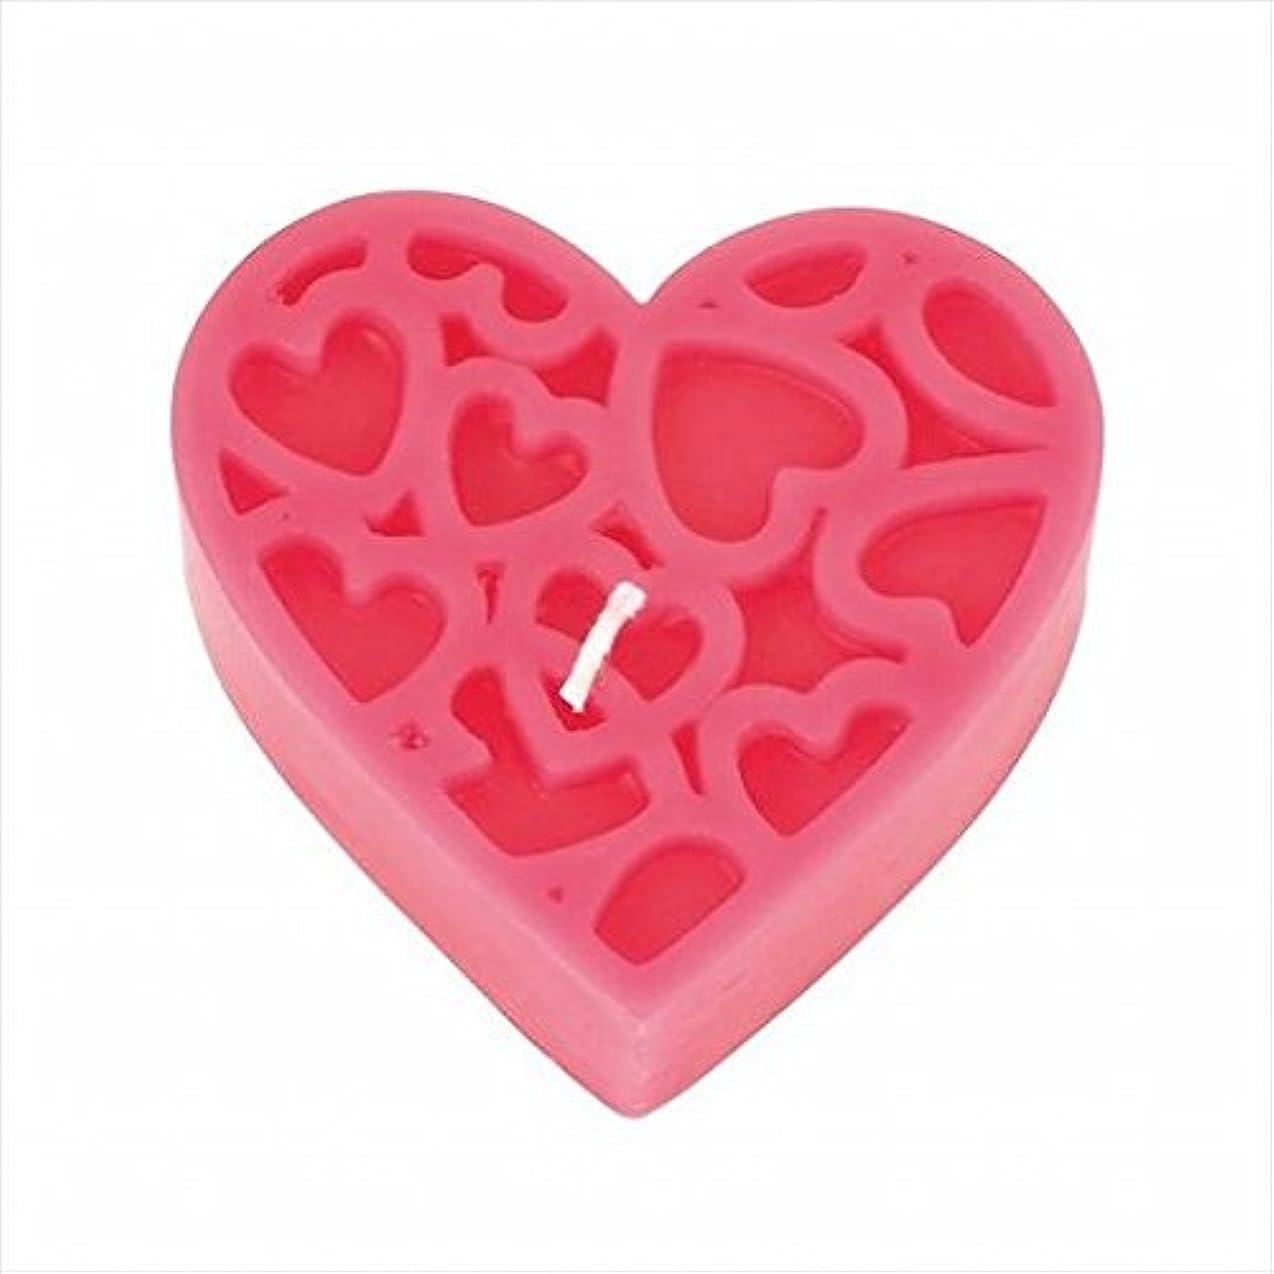 乱気流小道具束kameyama candle(カメヤマキャンドル) モンクール 「 ローズ 」(A6710500RS)